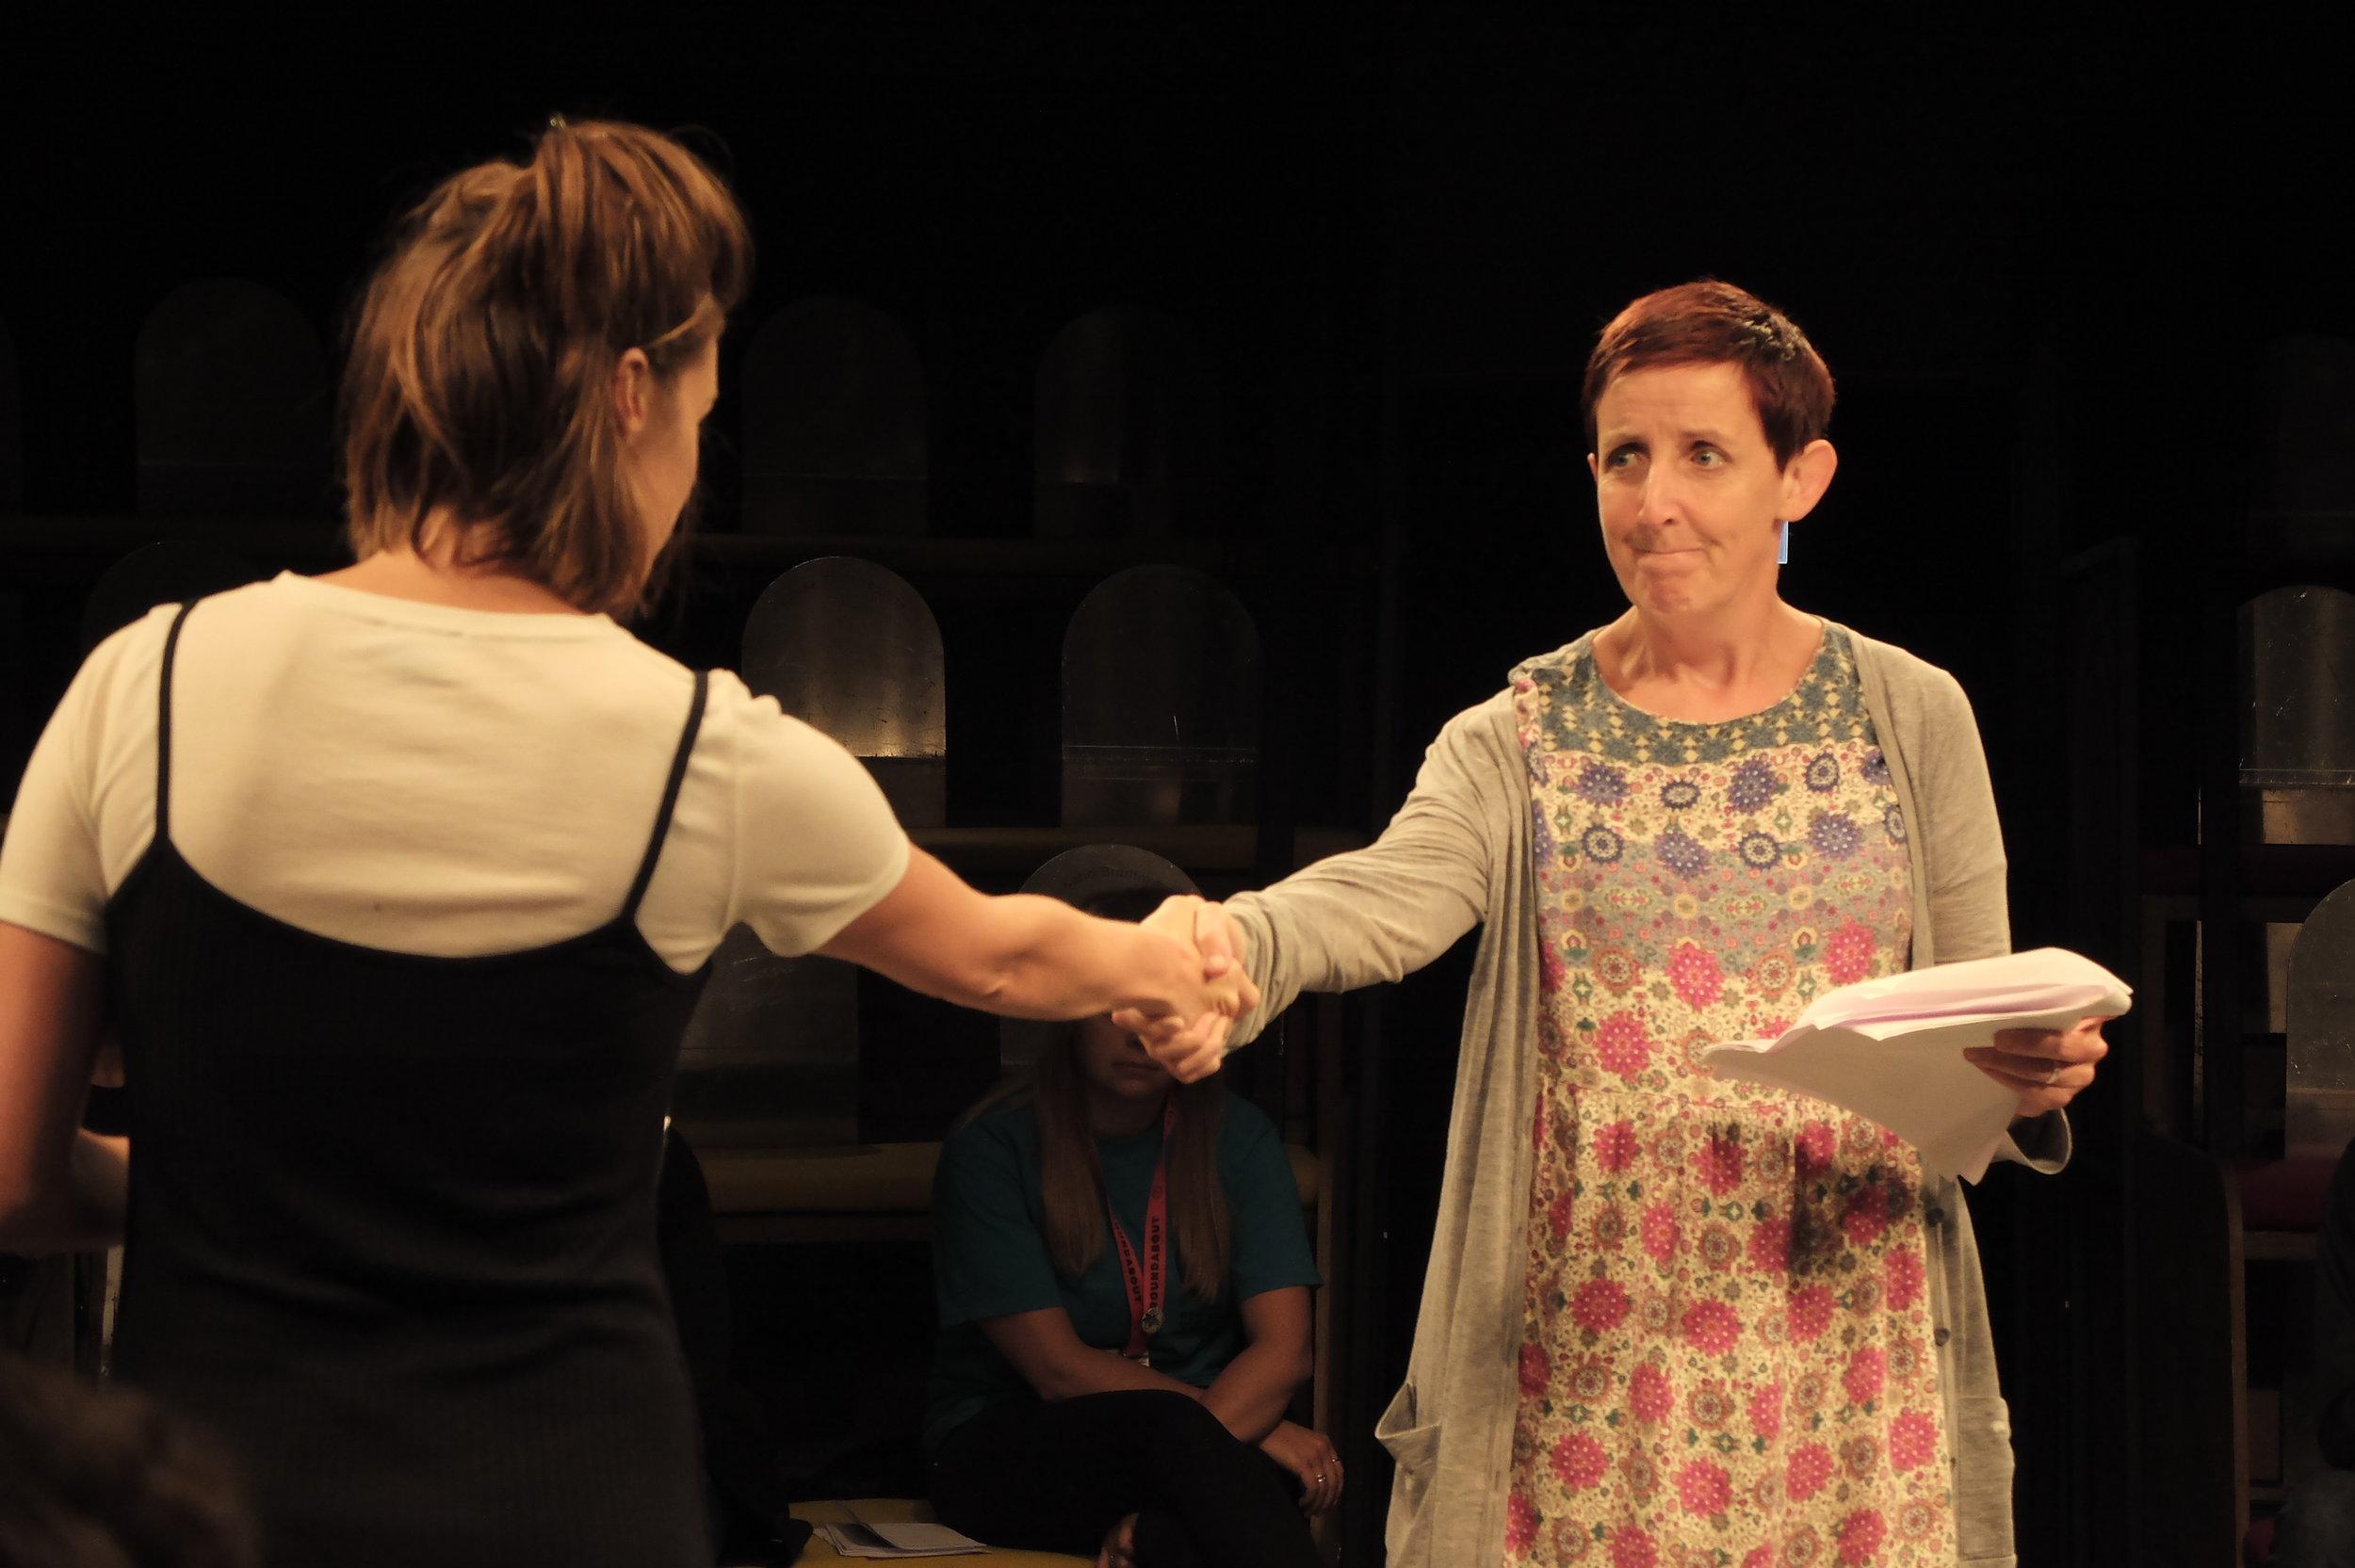 Olivia Sweeney and Julie Hesmondhalgh